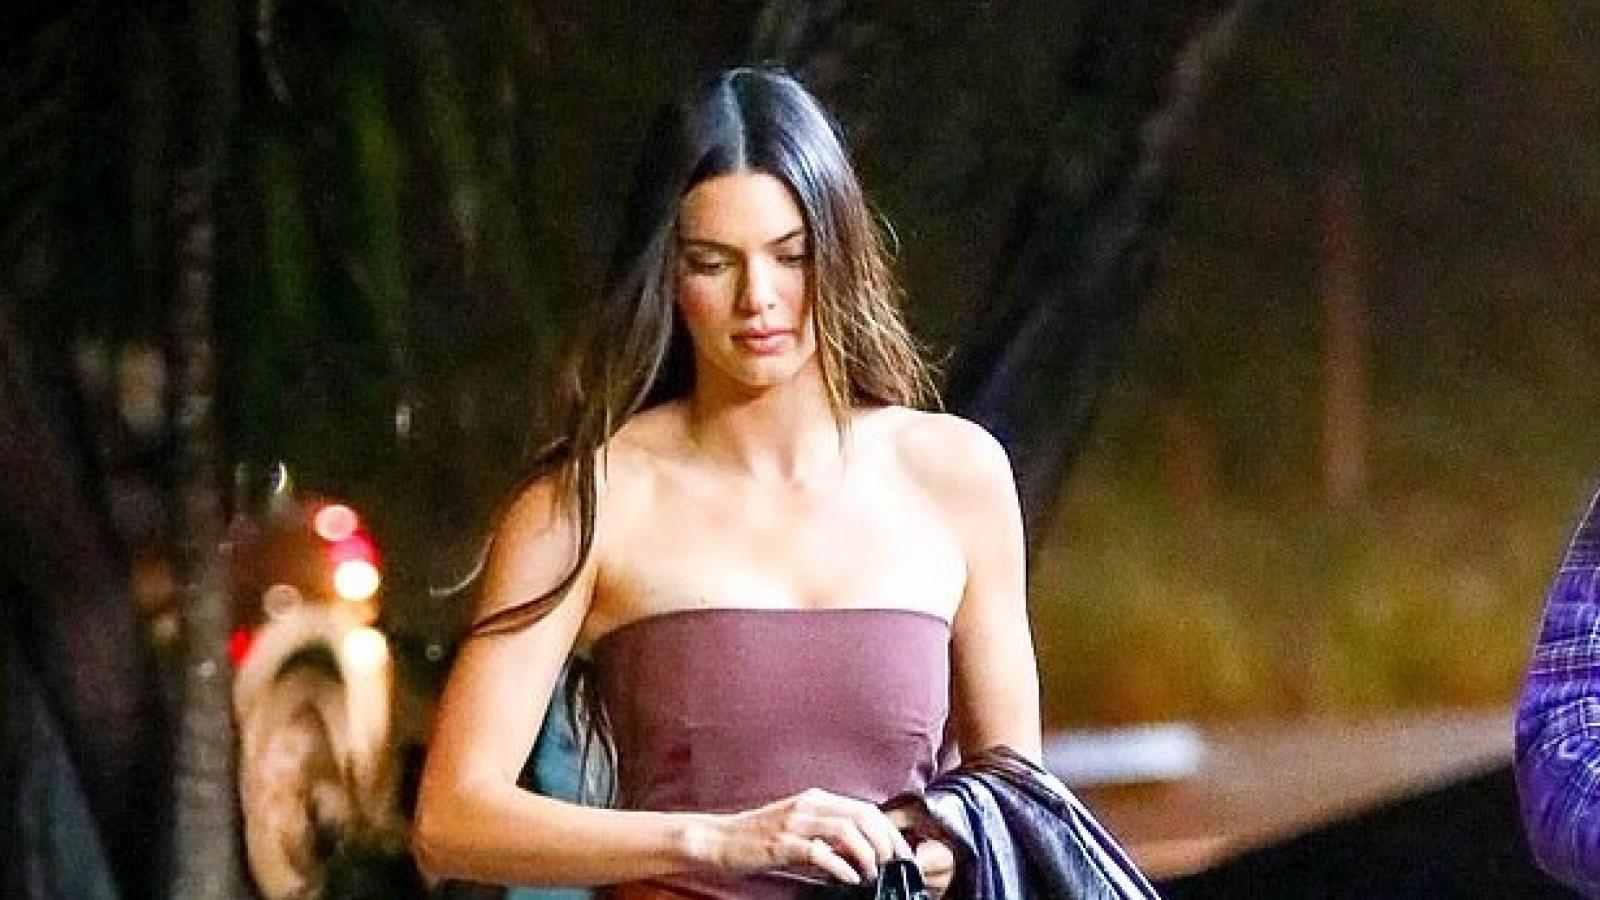 Kendall Jenner gợi cảm đi chơi đêm cùng bạn bè